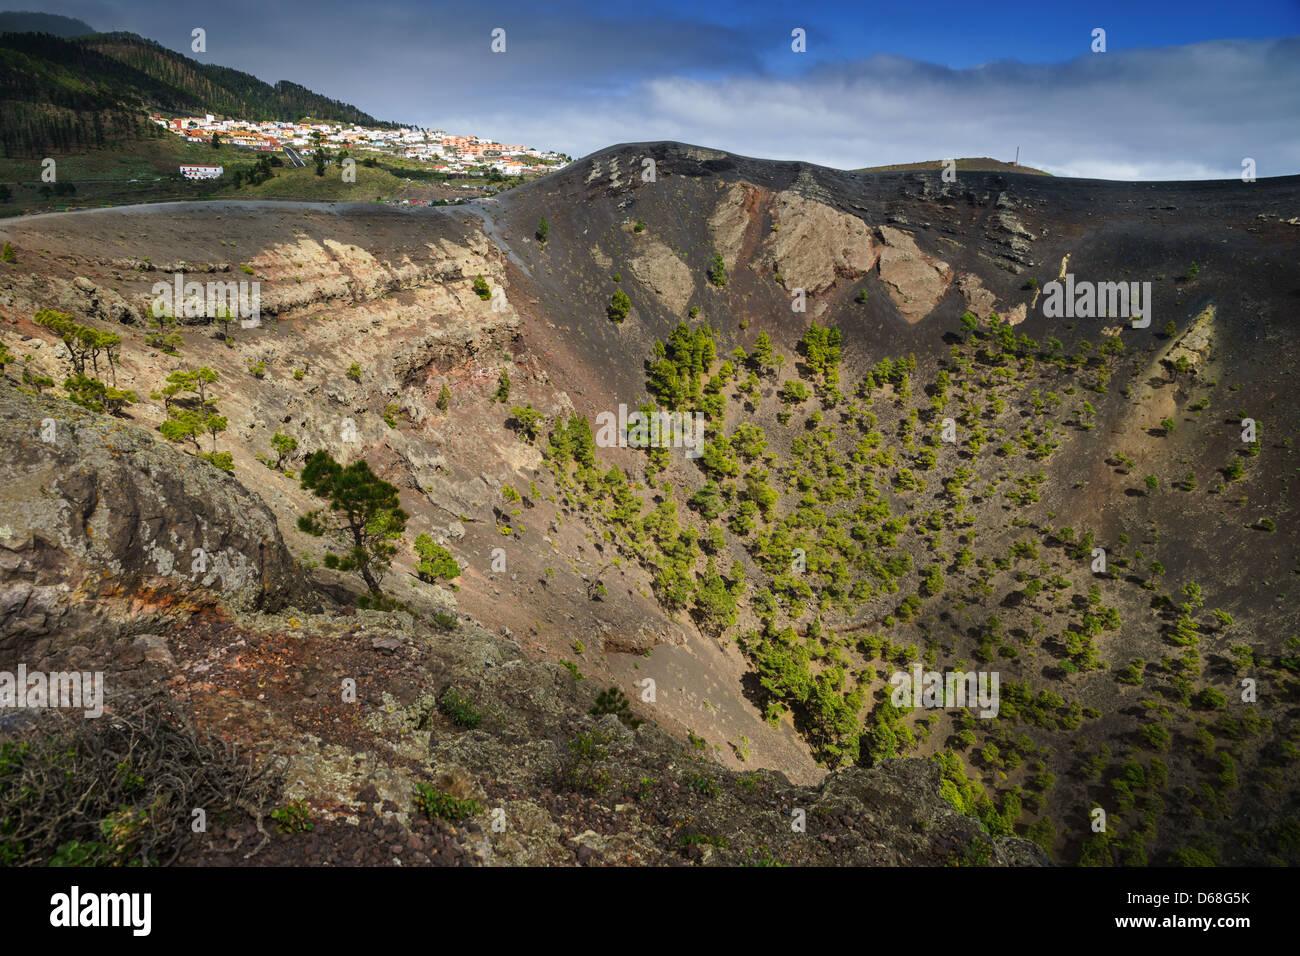 La Palma, Kanarische Inseln - Volcano Park von San Antonio, Fuencaliente, südlich der Insel. Der Krater. Stockfoto